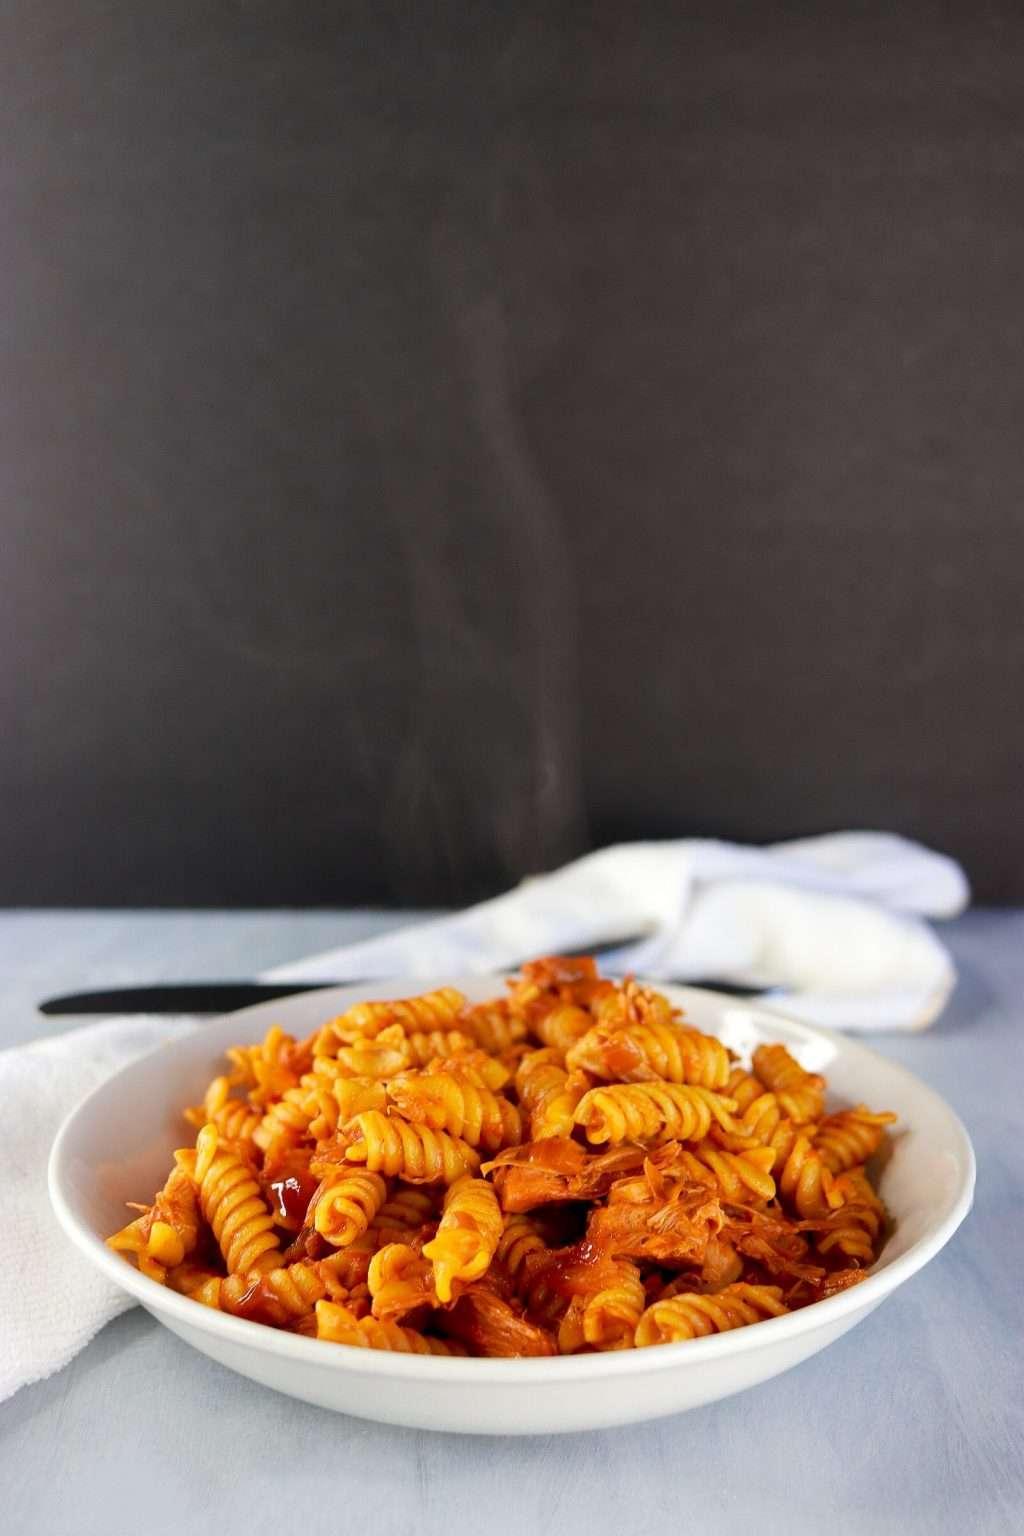 Jackfruit rotini pasta recipe 4196 1024x1536 - HOME